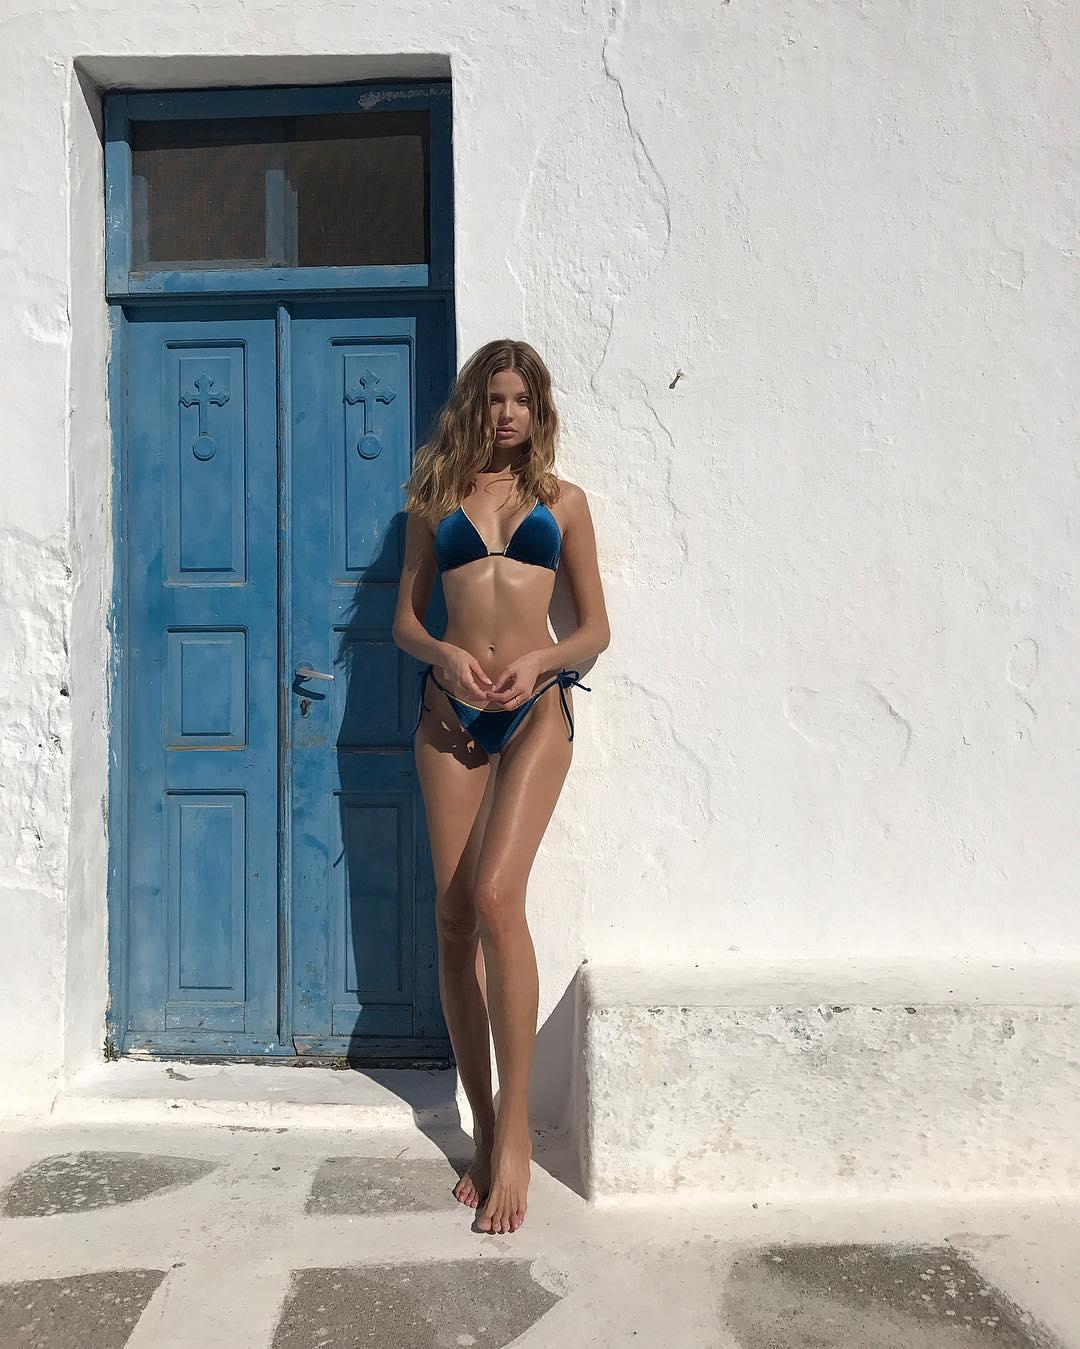 Самые сексуальные модели Instagram-Фото 6